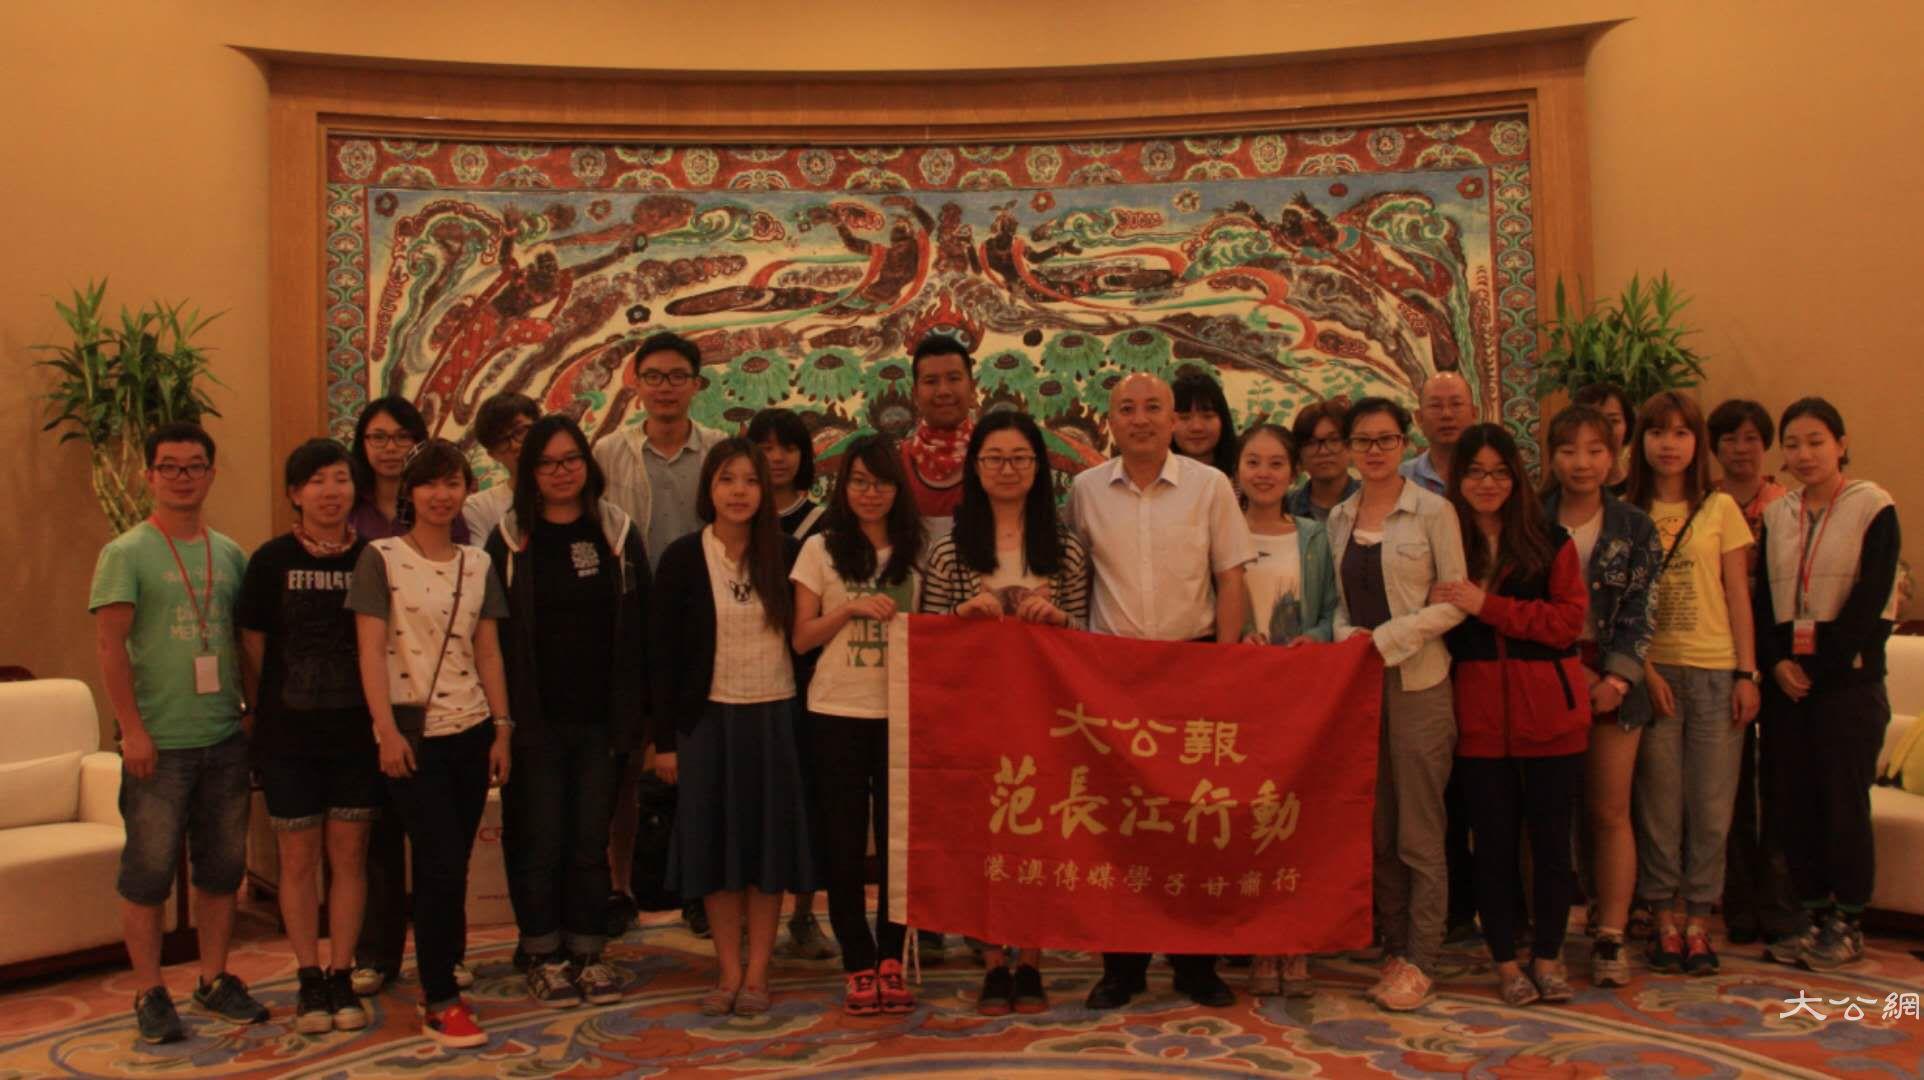 新任故宫博物院院长王旭东:香港和莫高窟距离很近